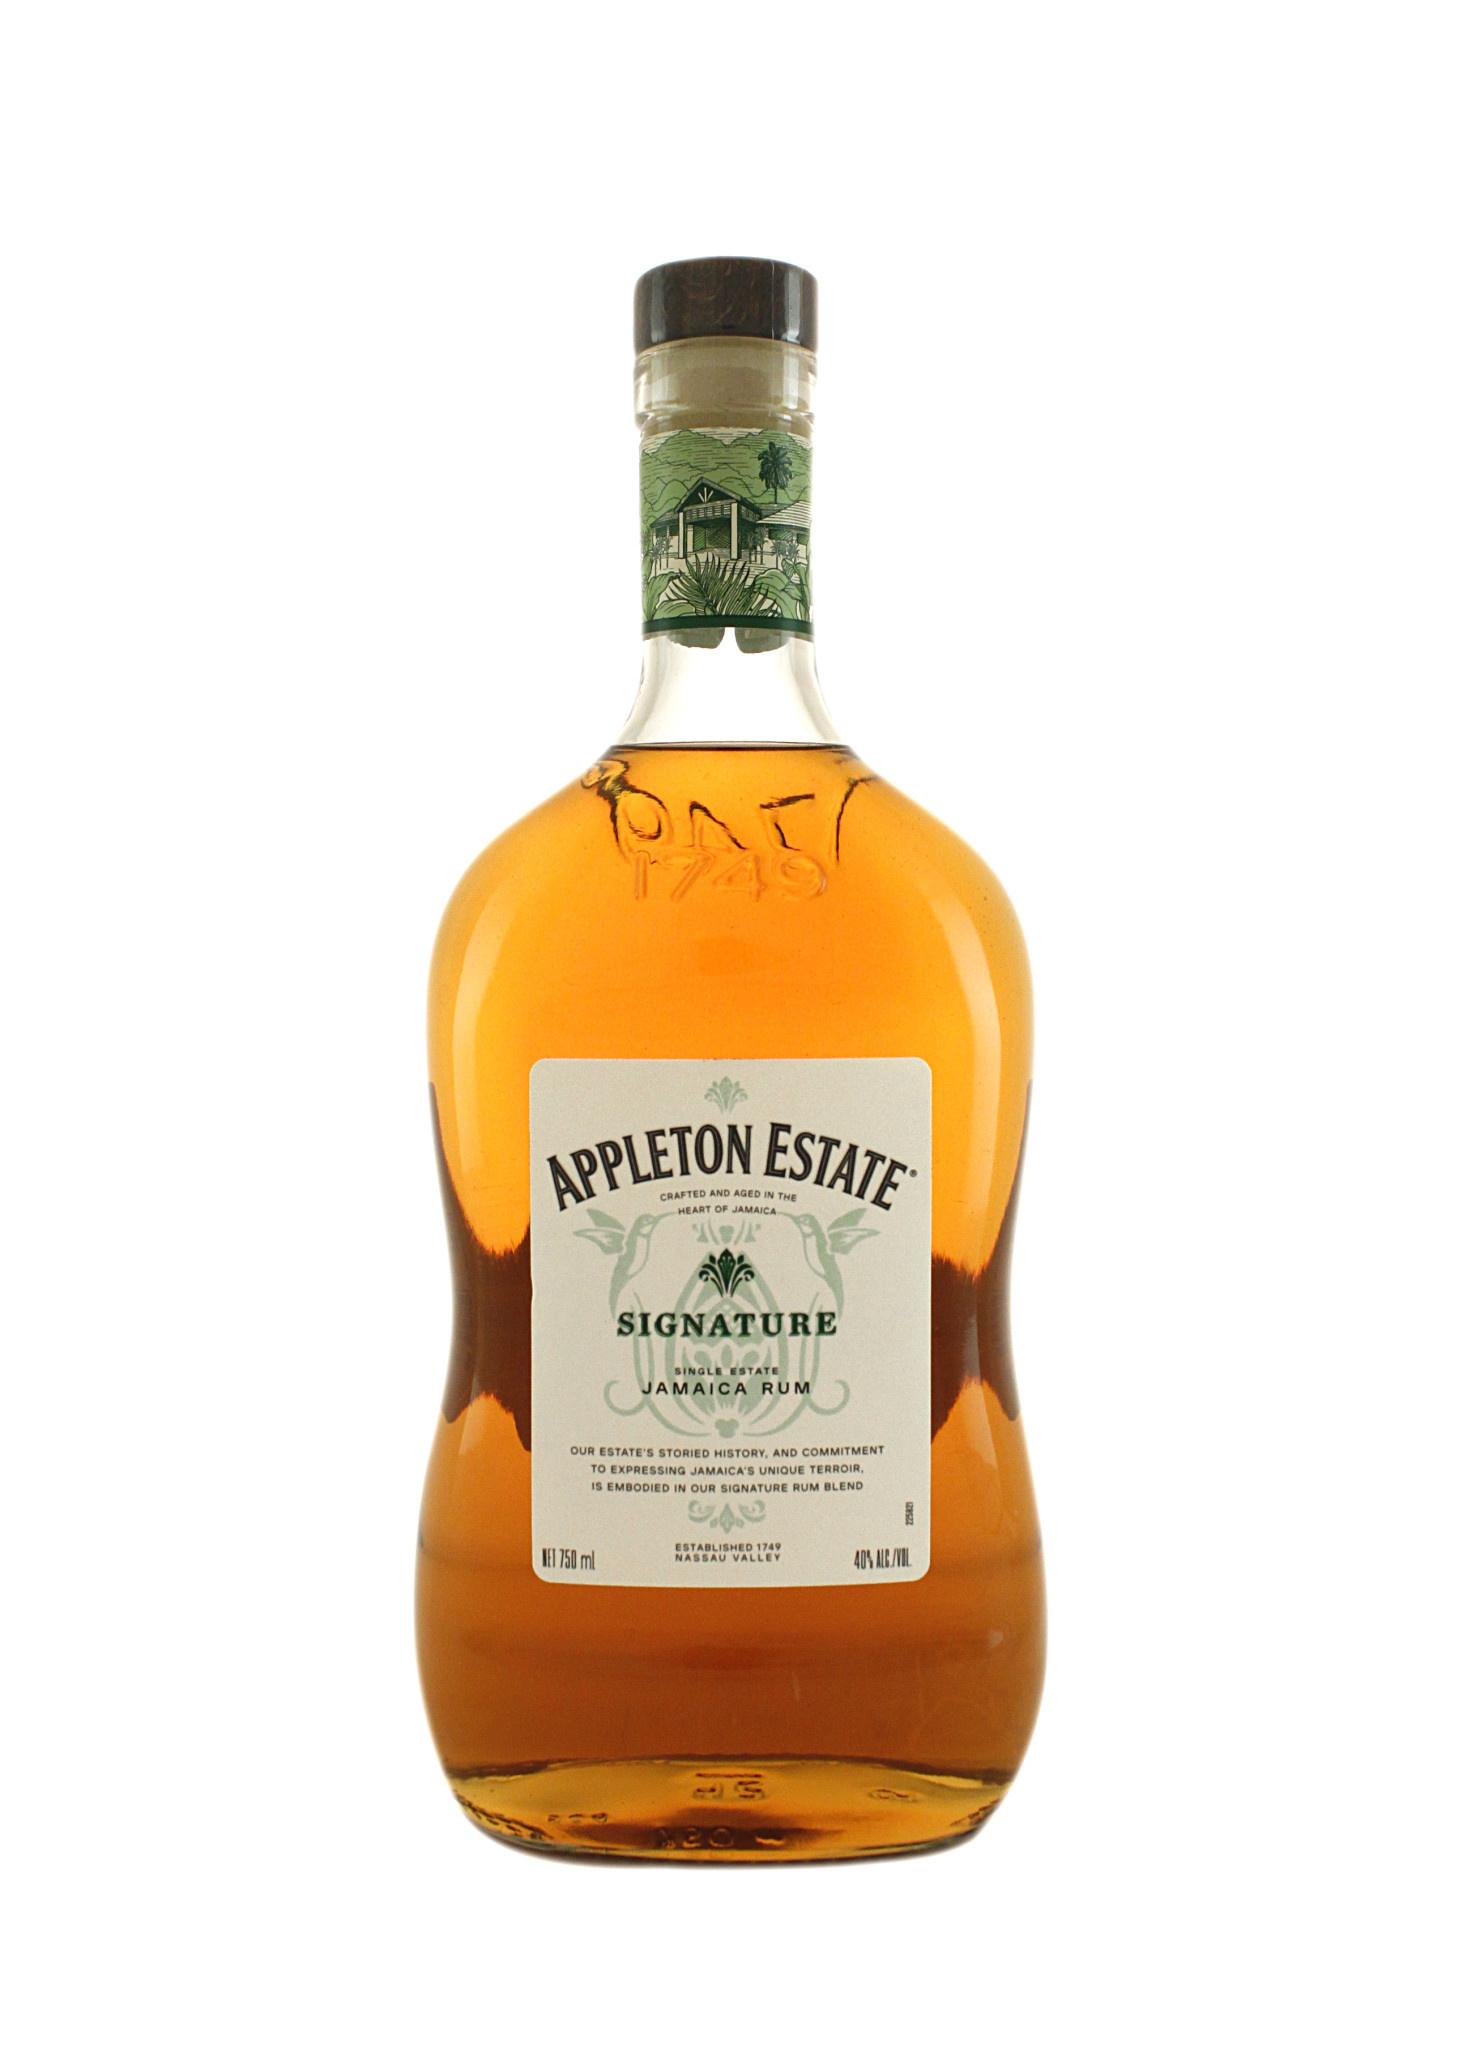 Appleton Estate Jamaica Rum Signature Blend